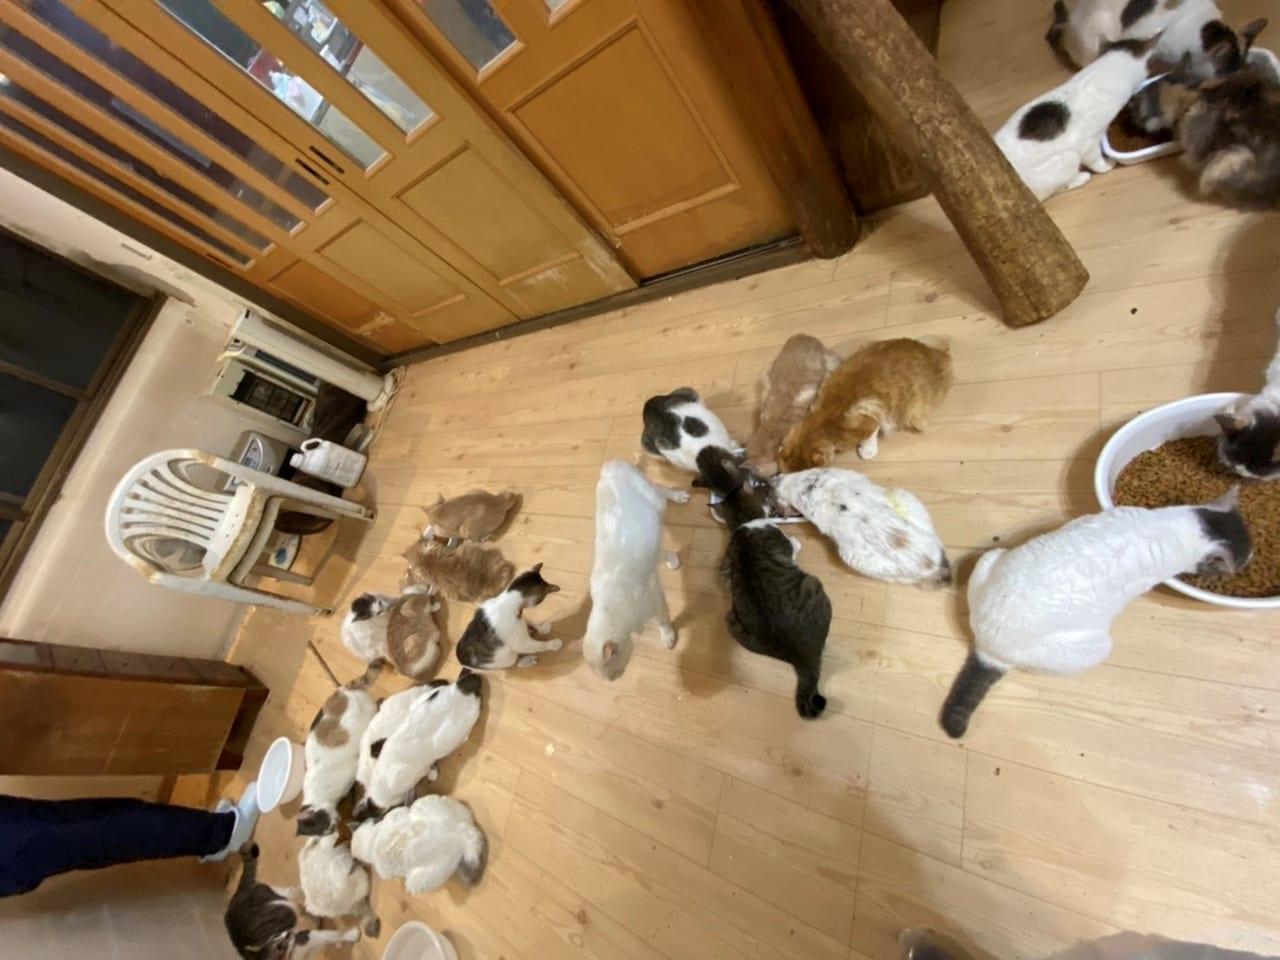 《猫の里親・保護主を緊急募集》野田市で50匹以上の多頭飼育崩壊が発生し、危機的状況です。どうか皆様の力を貸してください